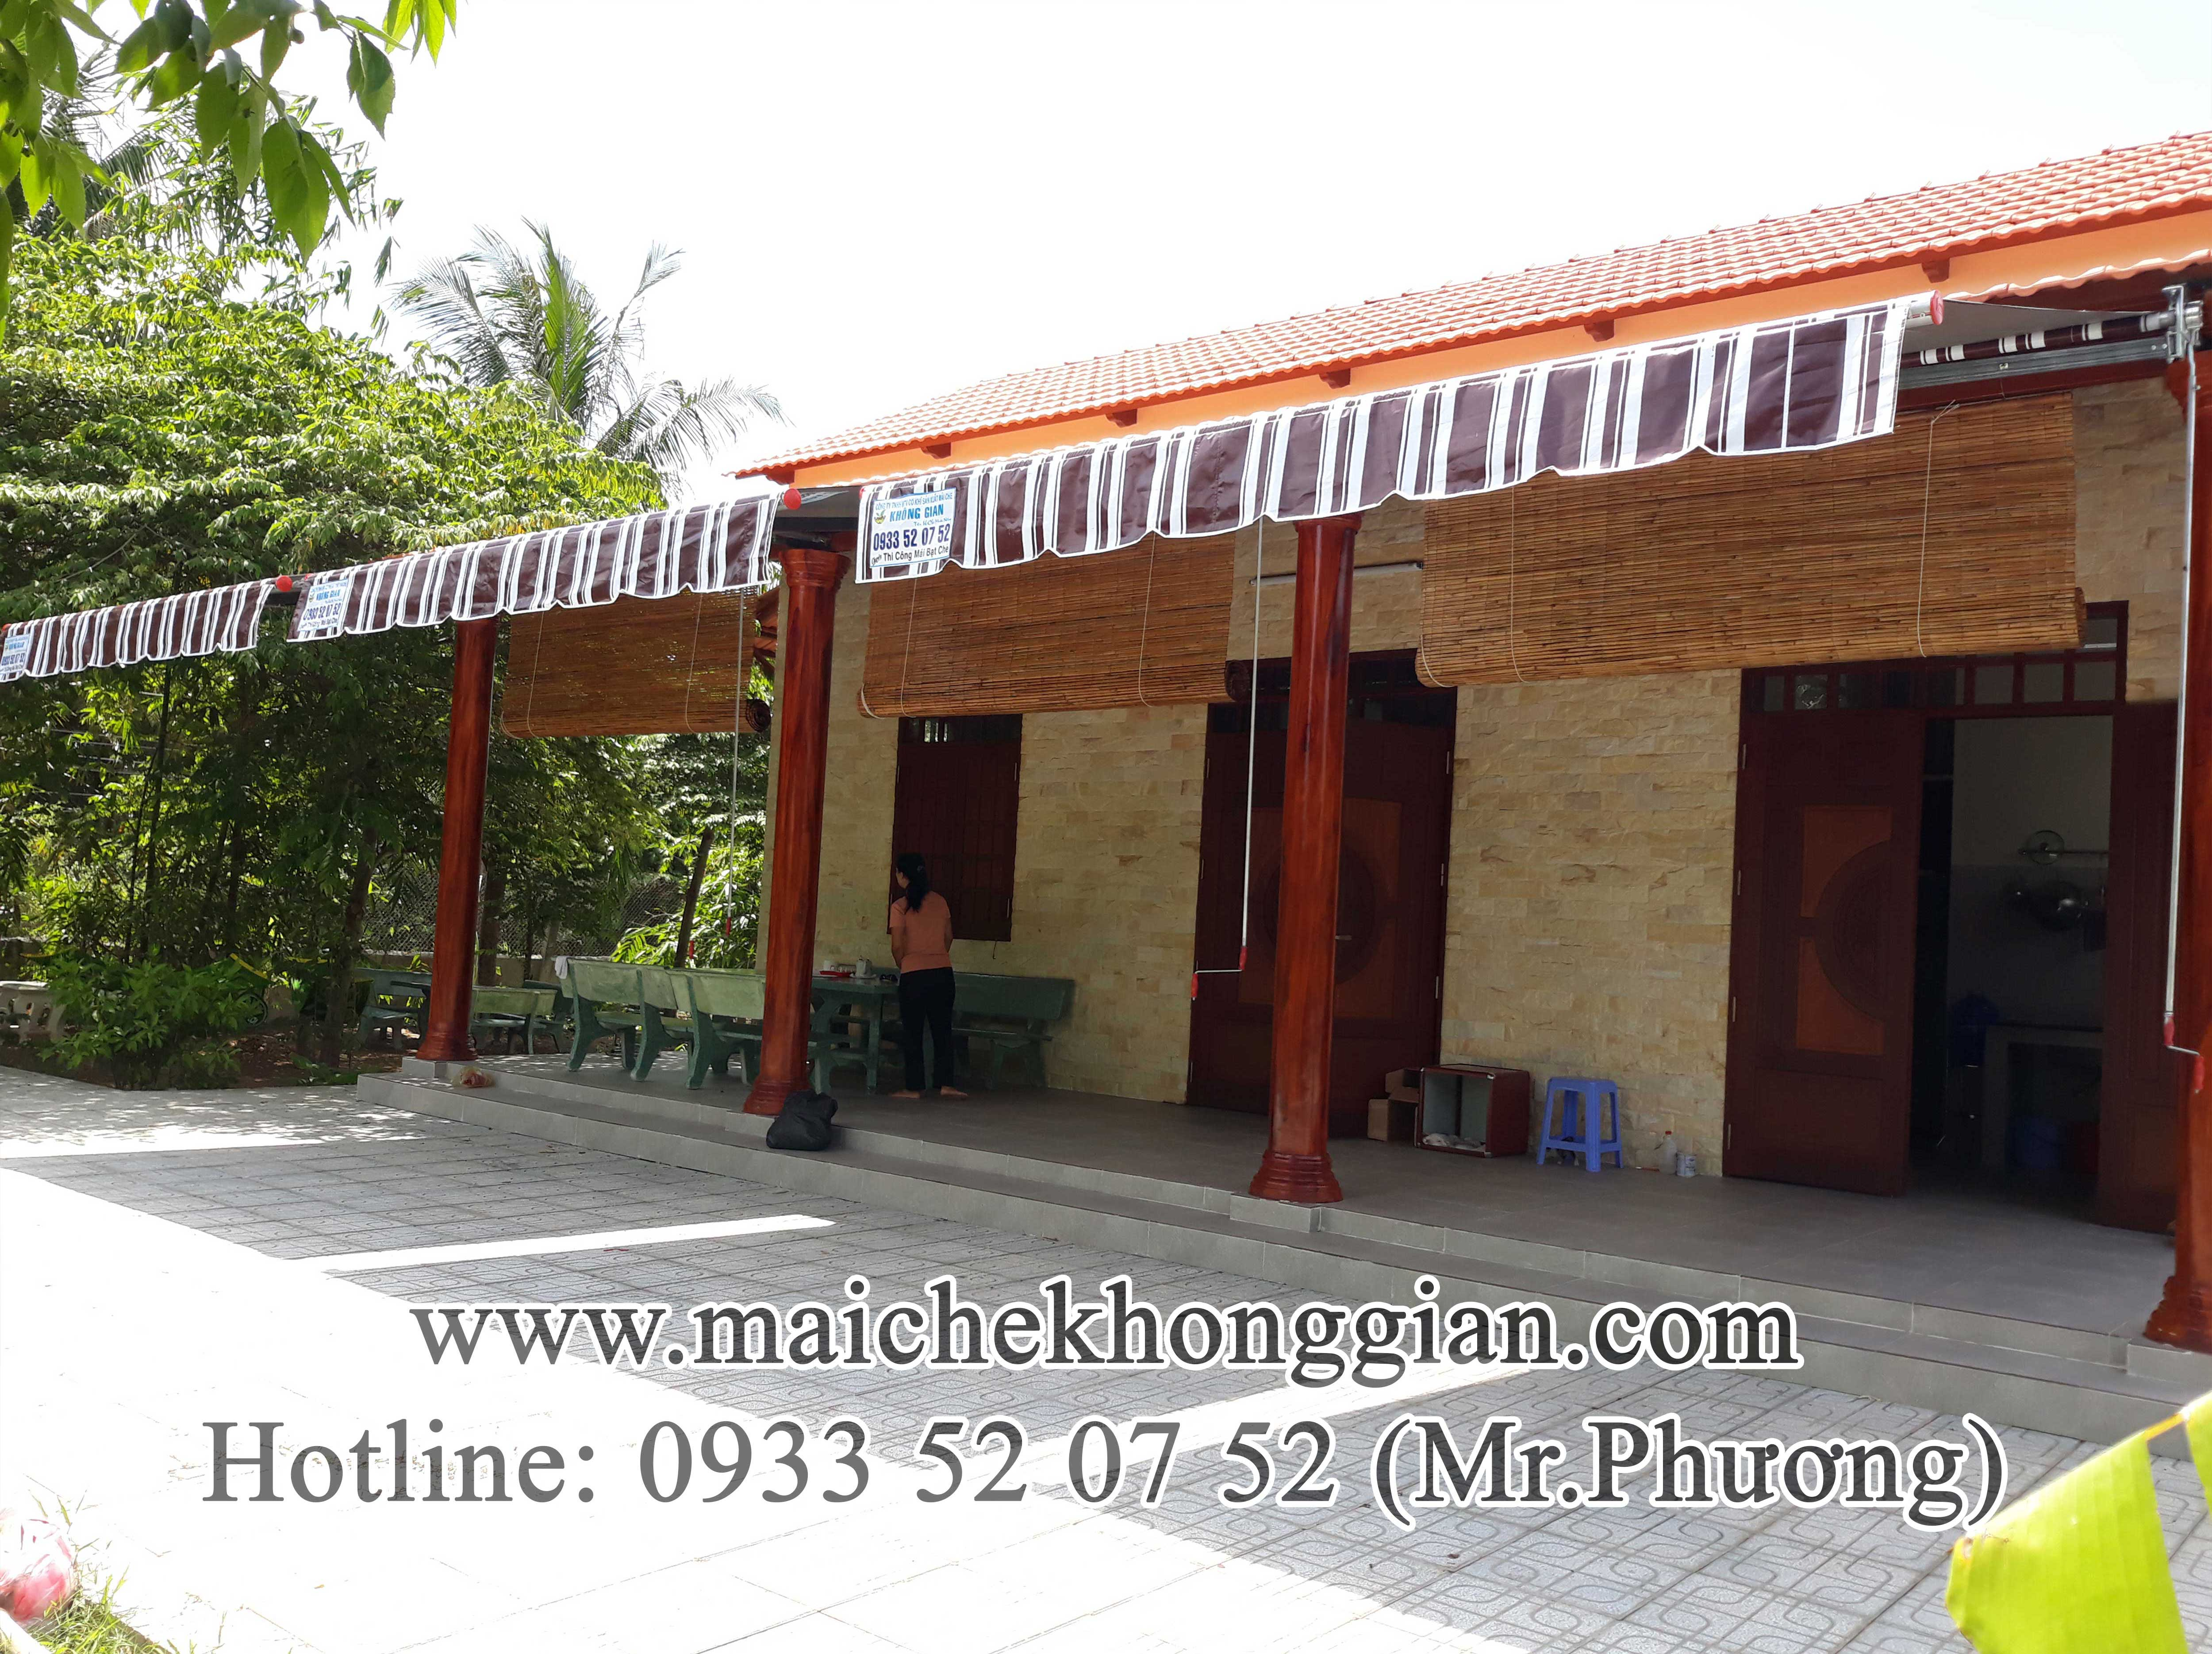 Mái Hiên Che Mưa Nắng Huyện Long Hồ Vĩnh Long